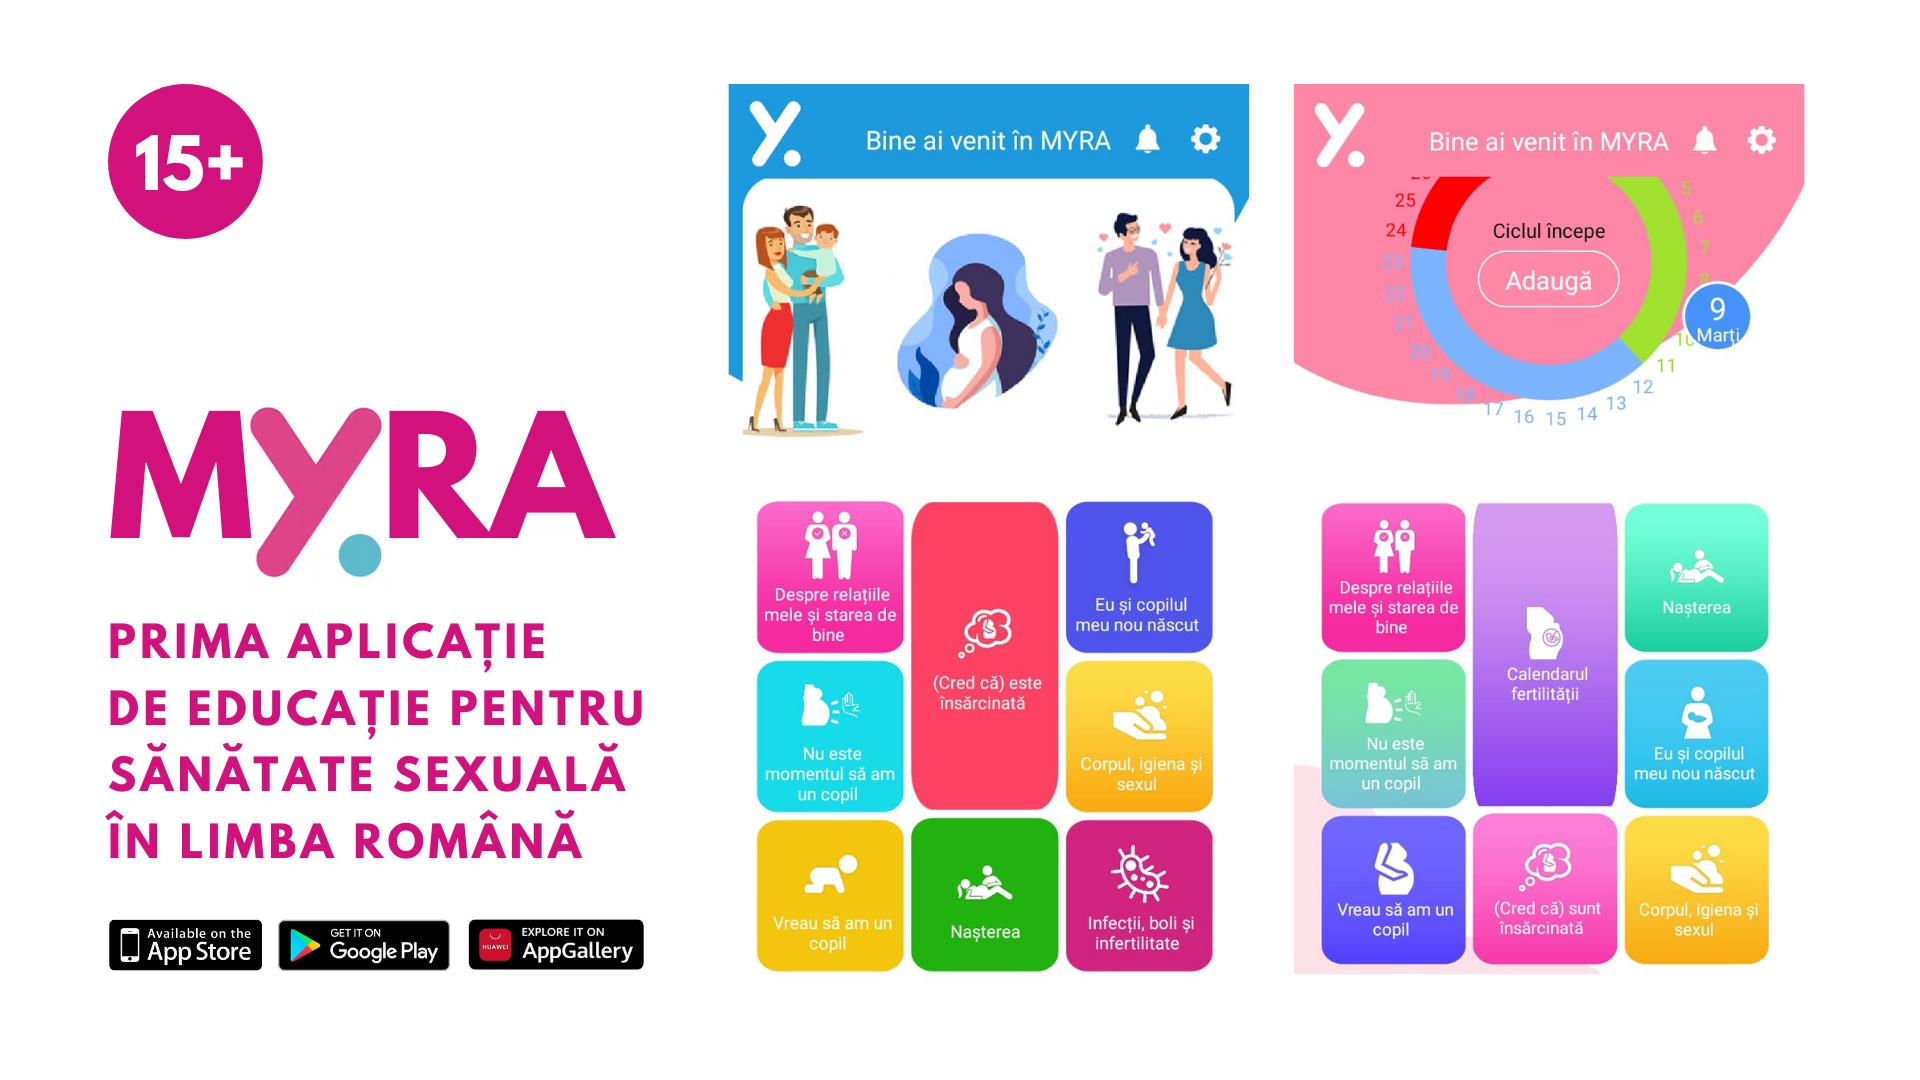 Myra, prima aplicație mobilă de educație pentru sănătate sexuală în limba română, este acum disponibilă gratuit pe App Store și Google Play